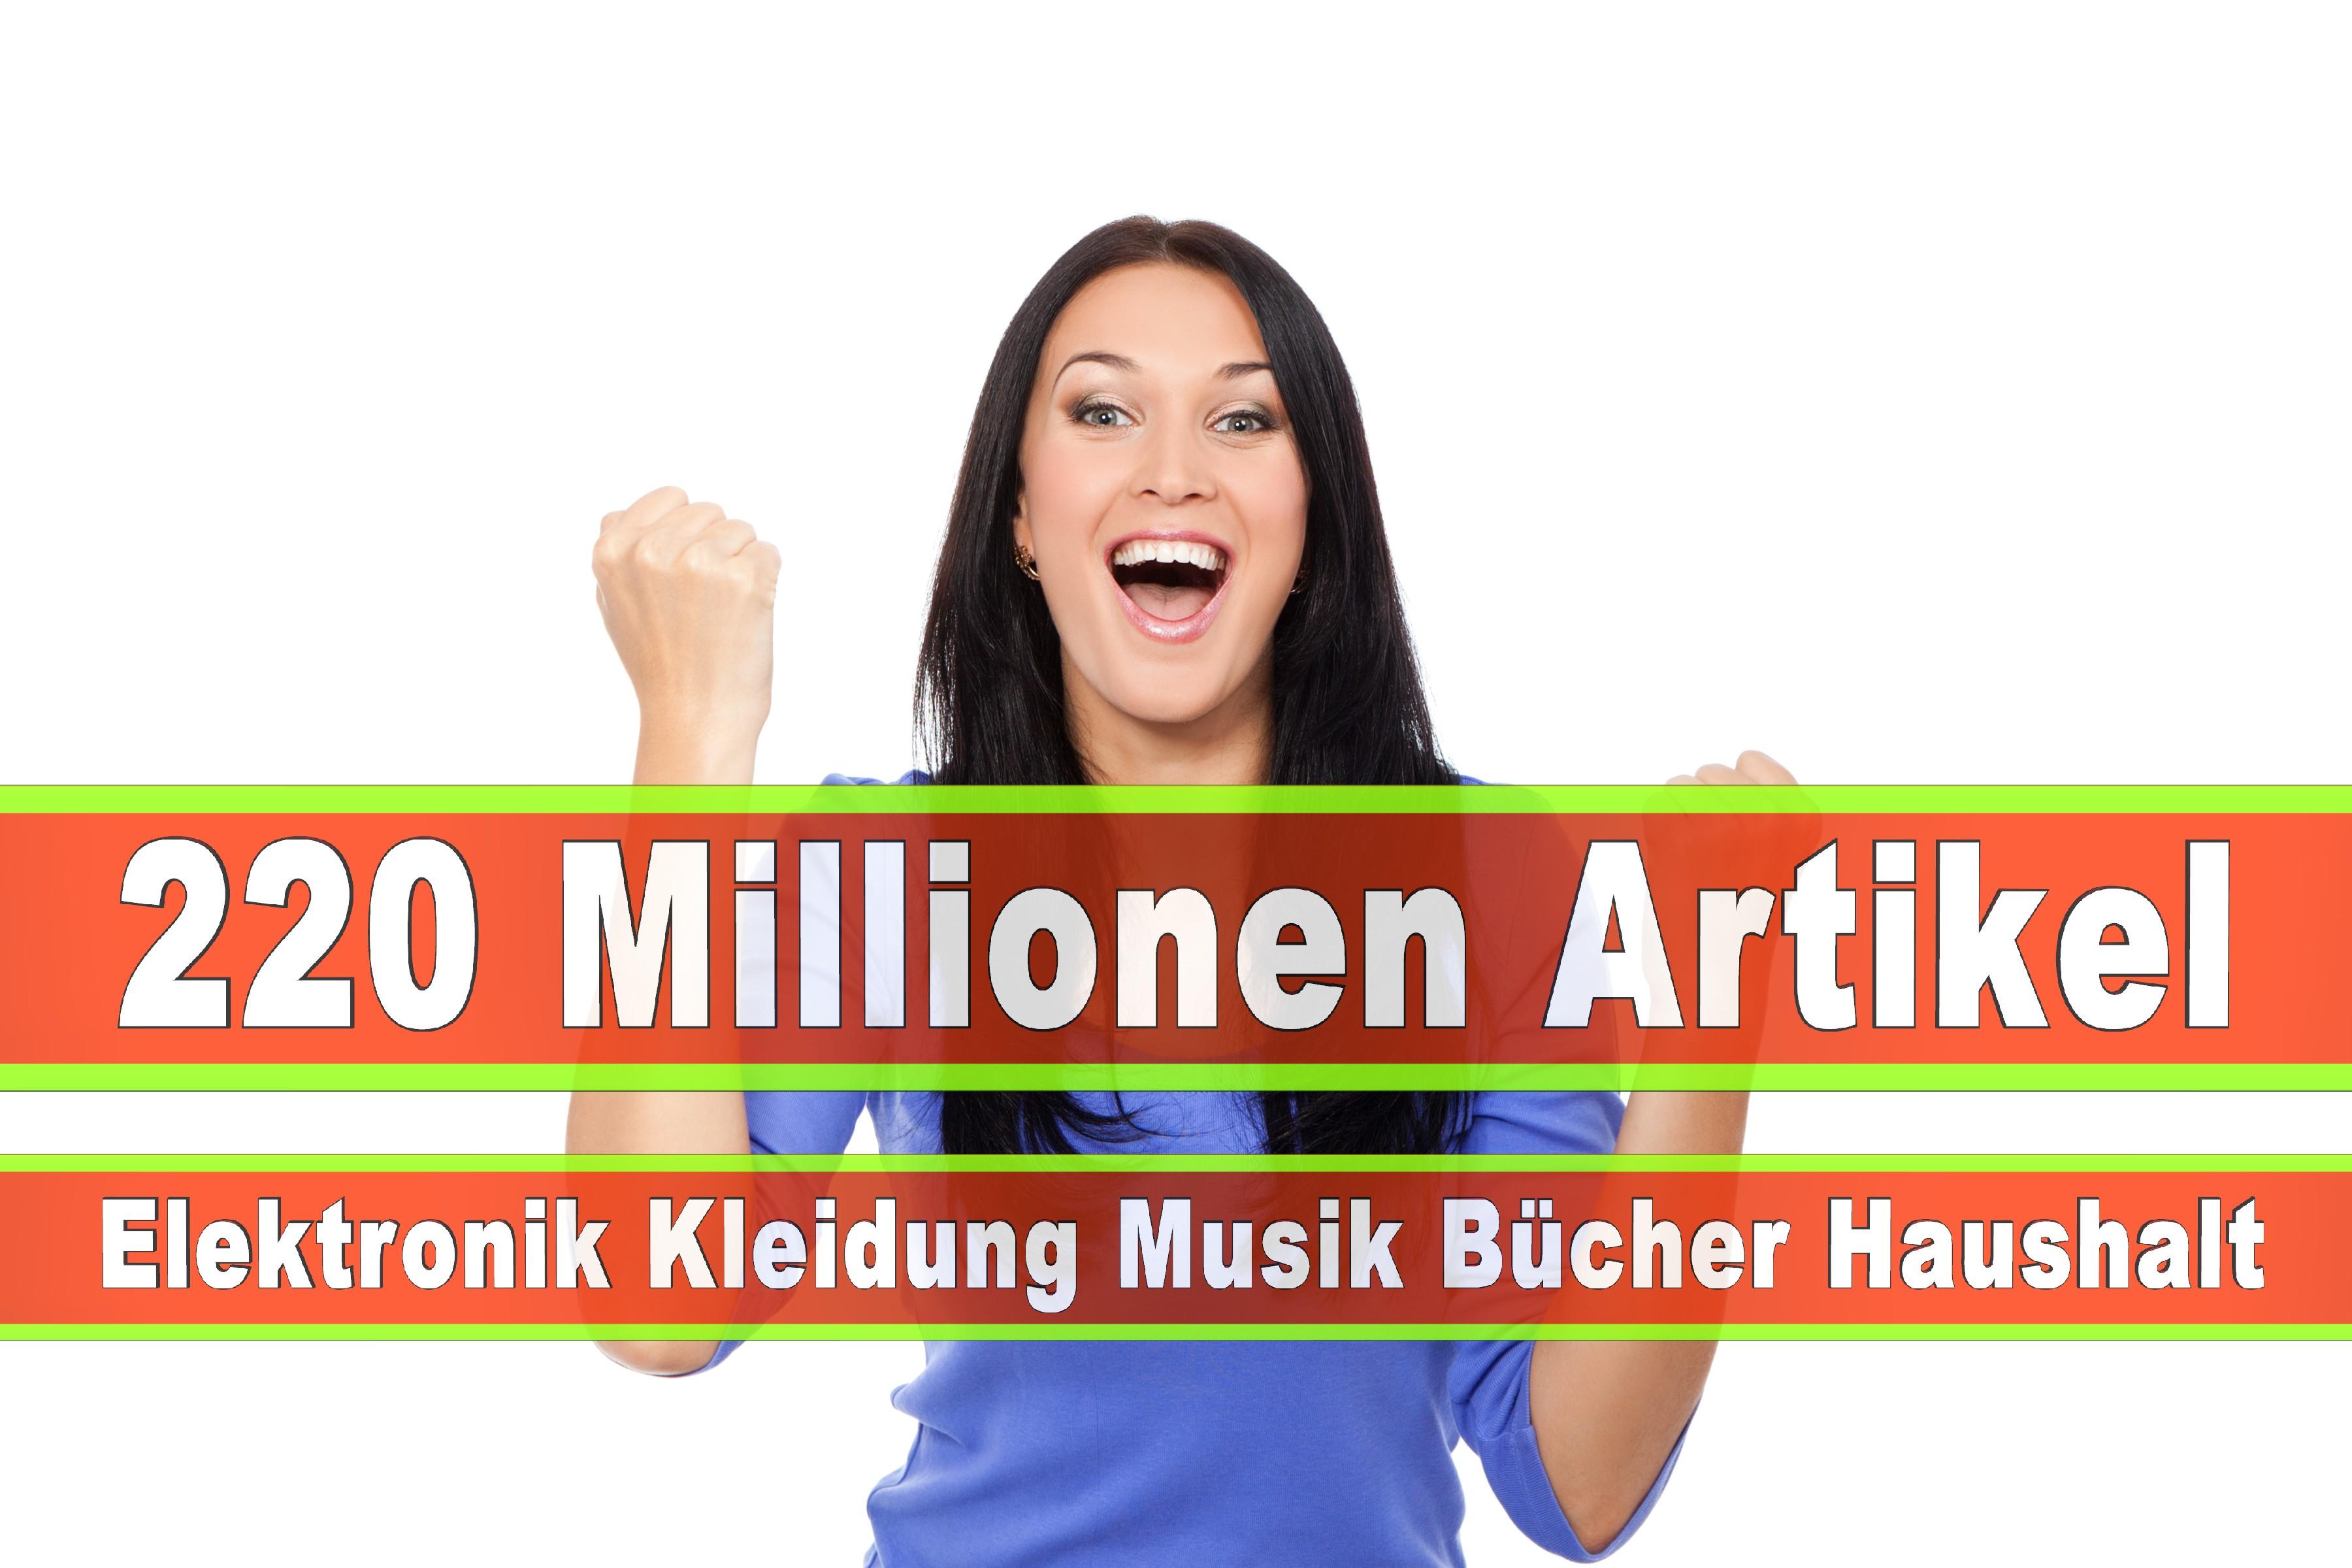 Amazon Elektronik Musik Haushalt Bücher CD DVD Handys Smartphones TV Television Fernseher Kleidung Mode Ebay Versandhaus (61)